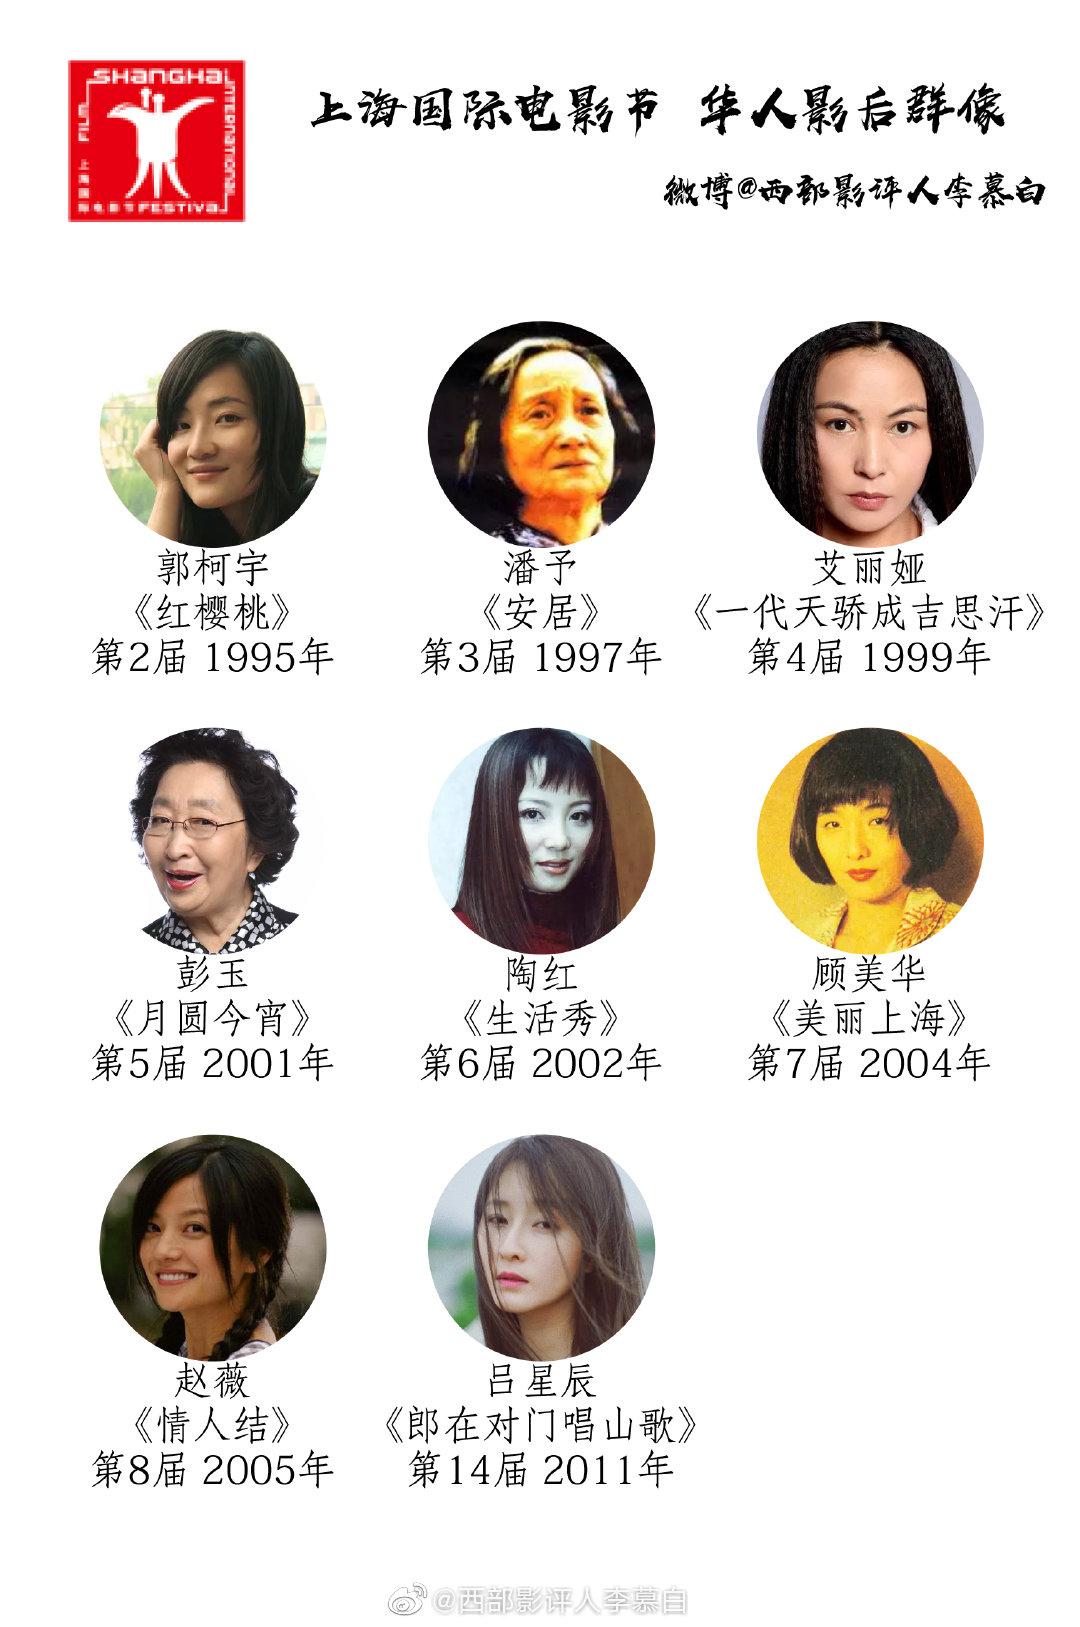 上海国际电影节 华人影后群像.jpg